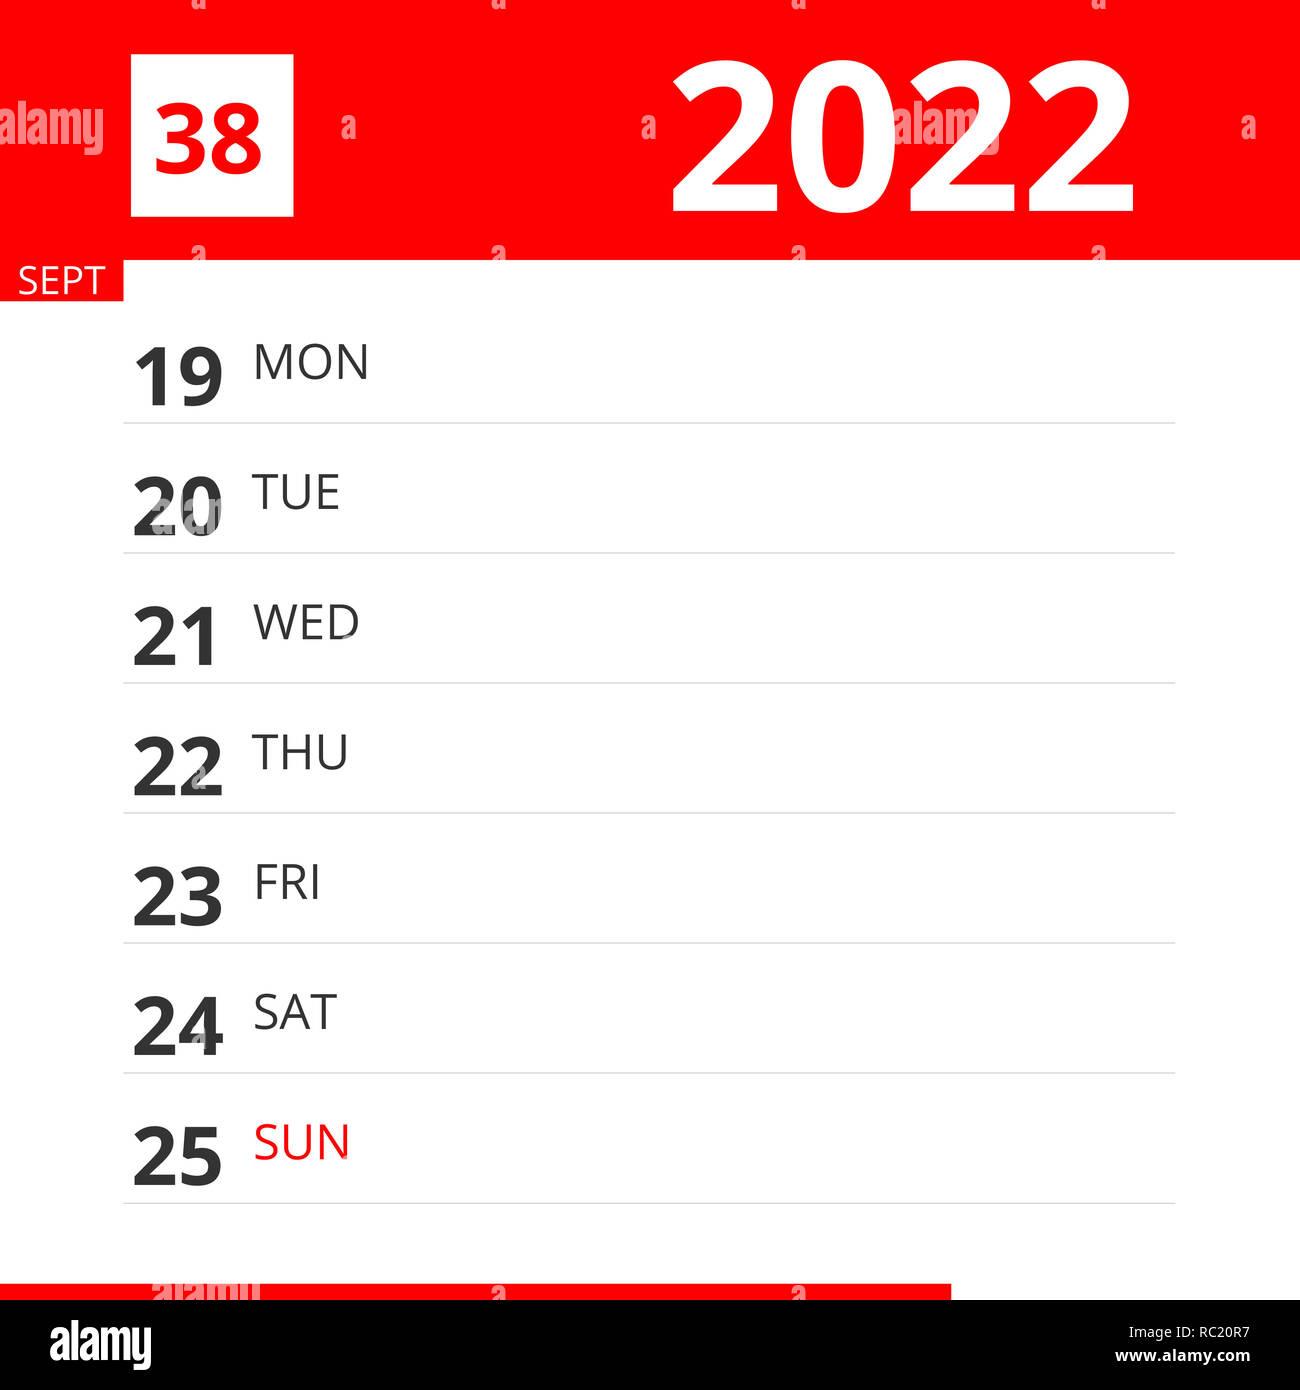 2022 Sept Calendar.Calendar Planner For Week 38 In 2022 Ends September 25 2022 Stock Photo Alamy